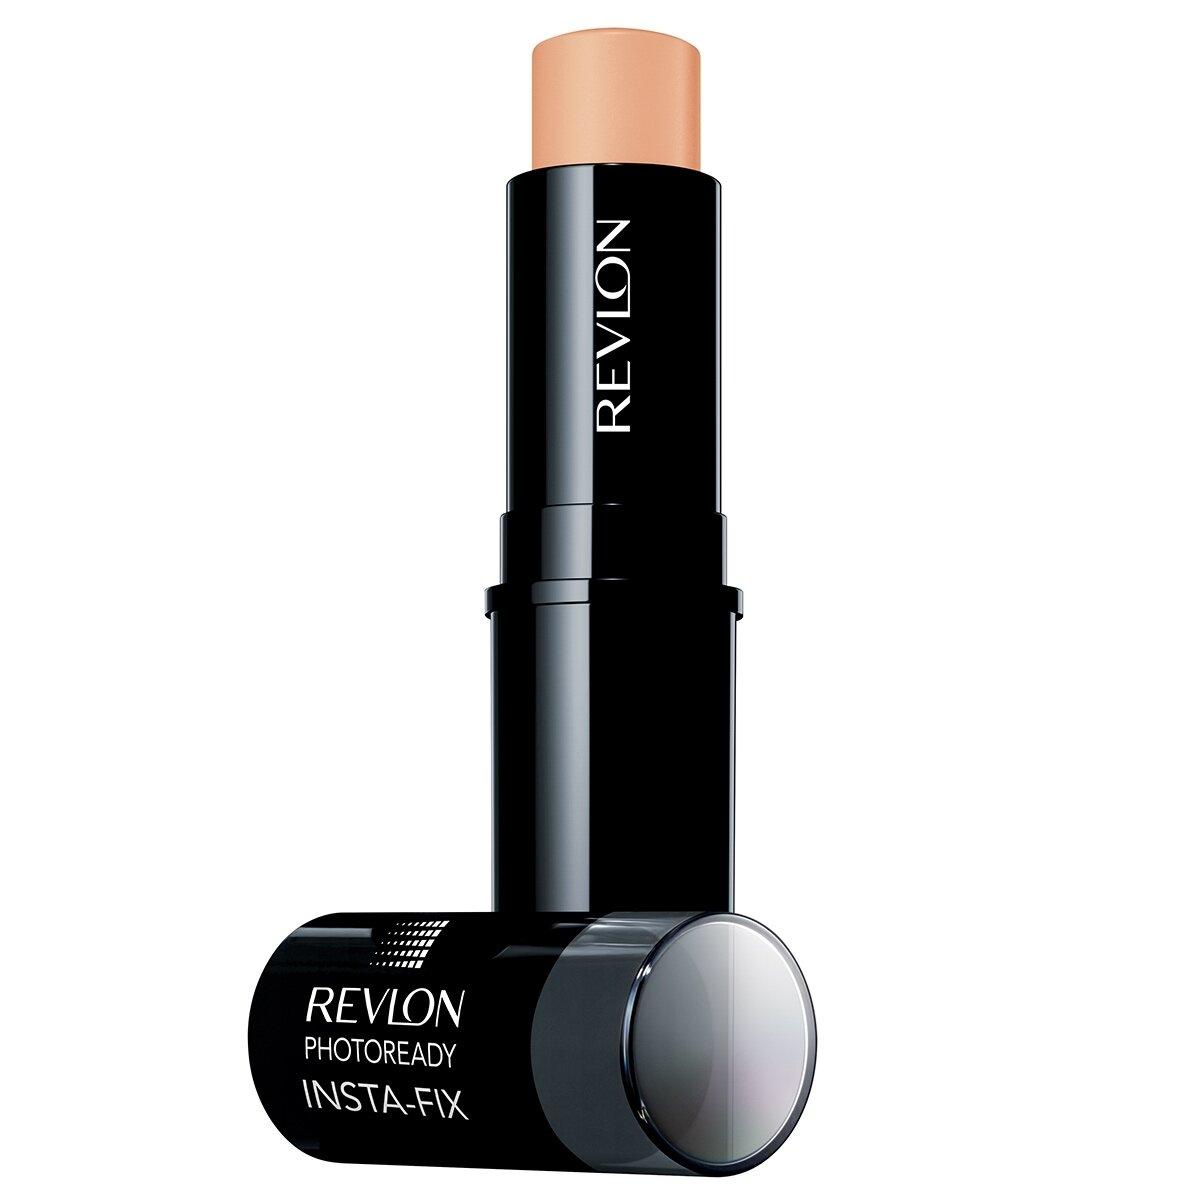 Photoready Insta Fix Makeup Nude